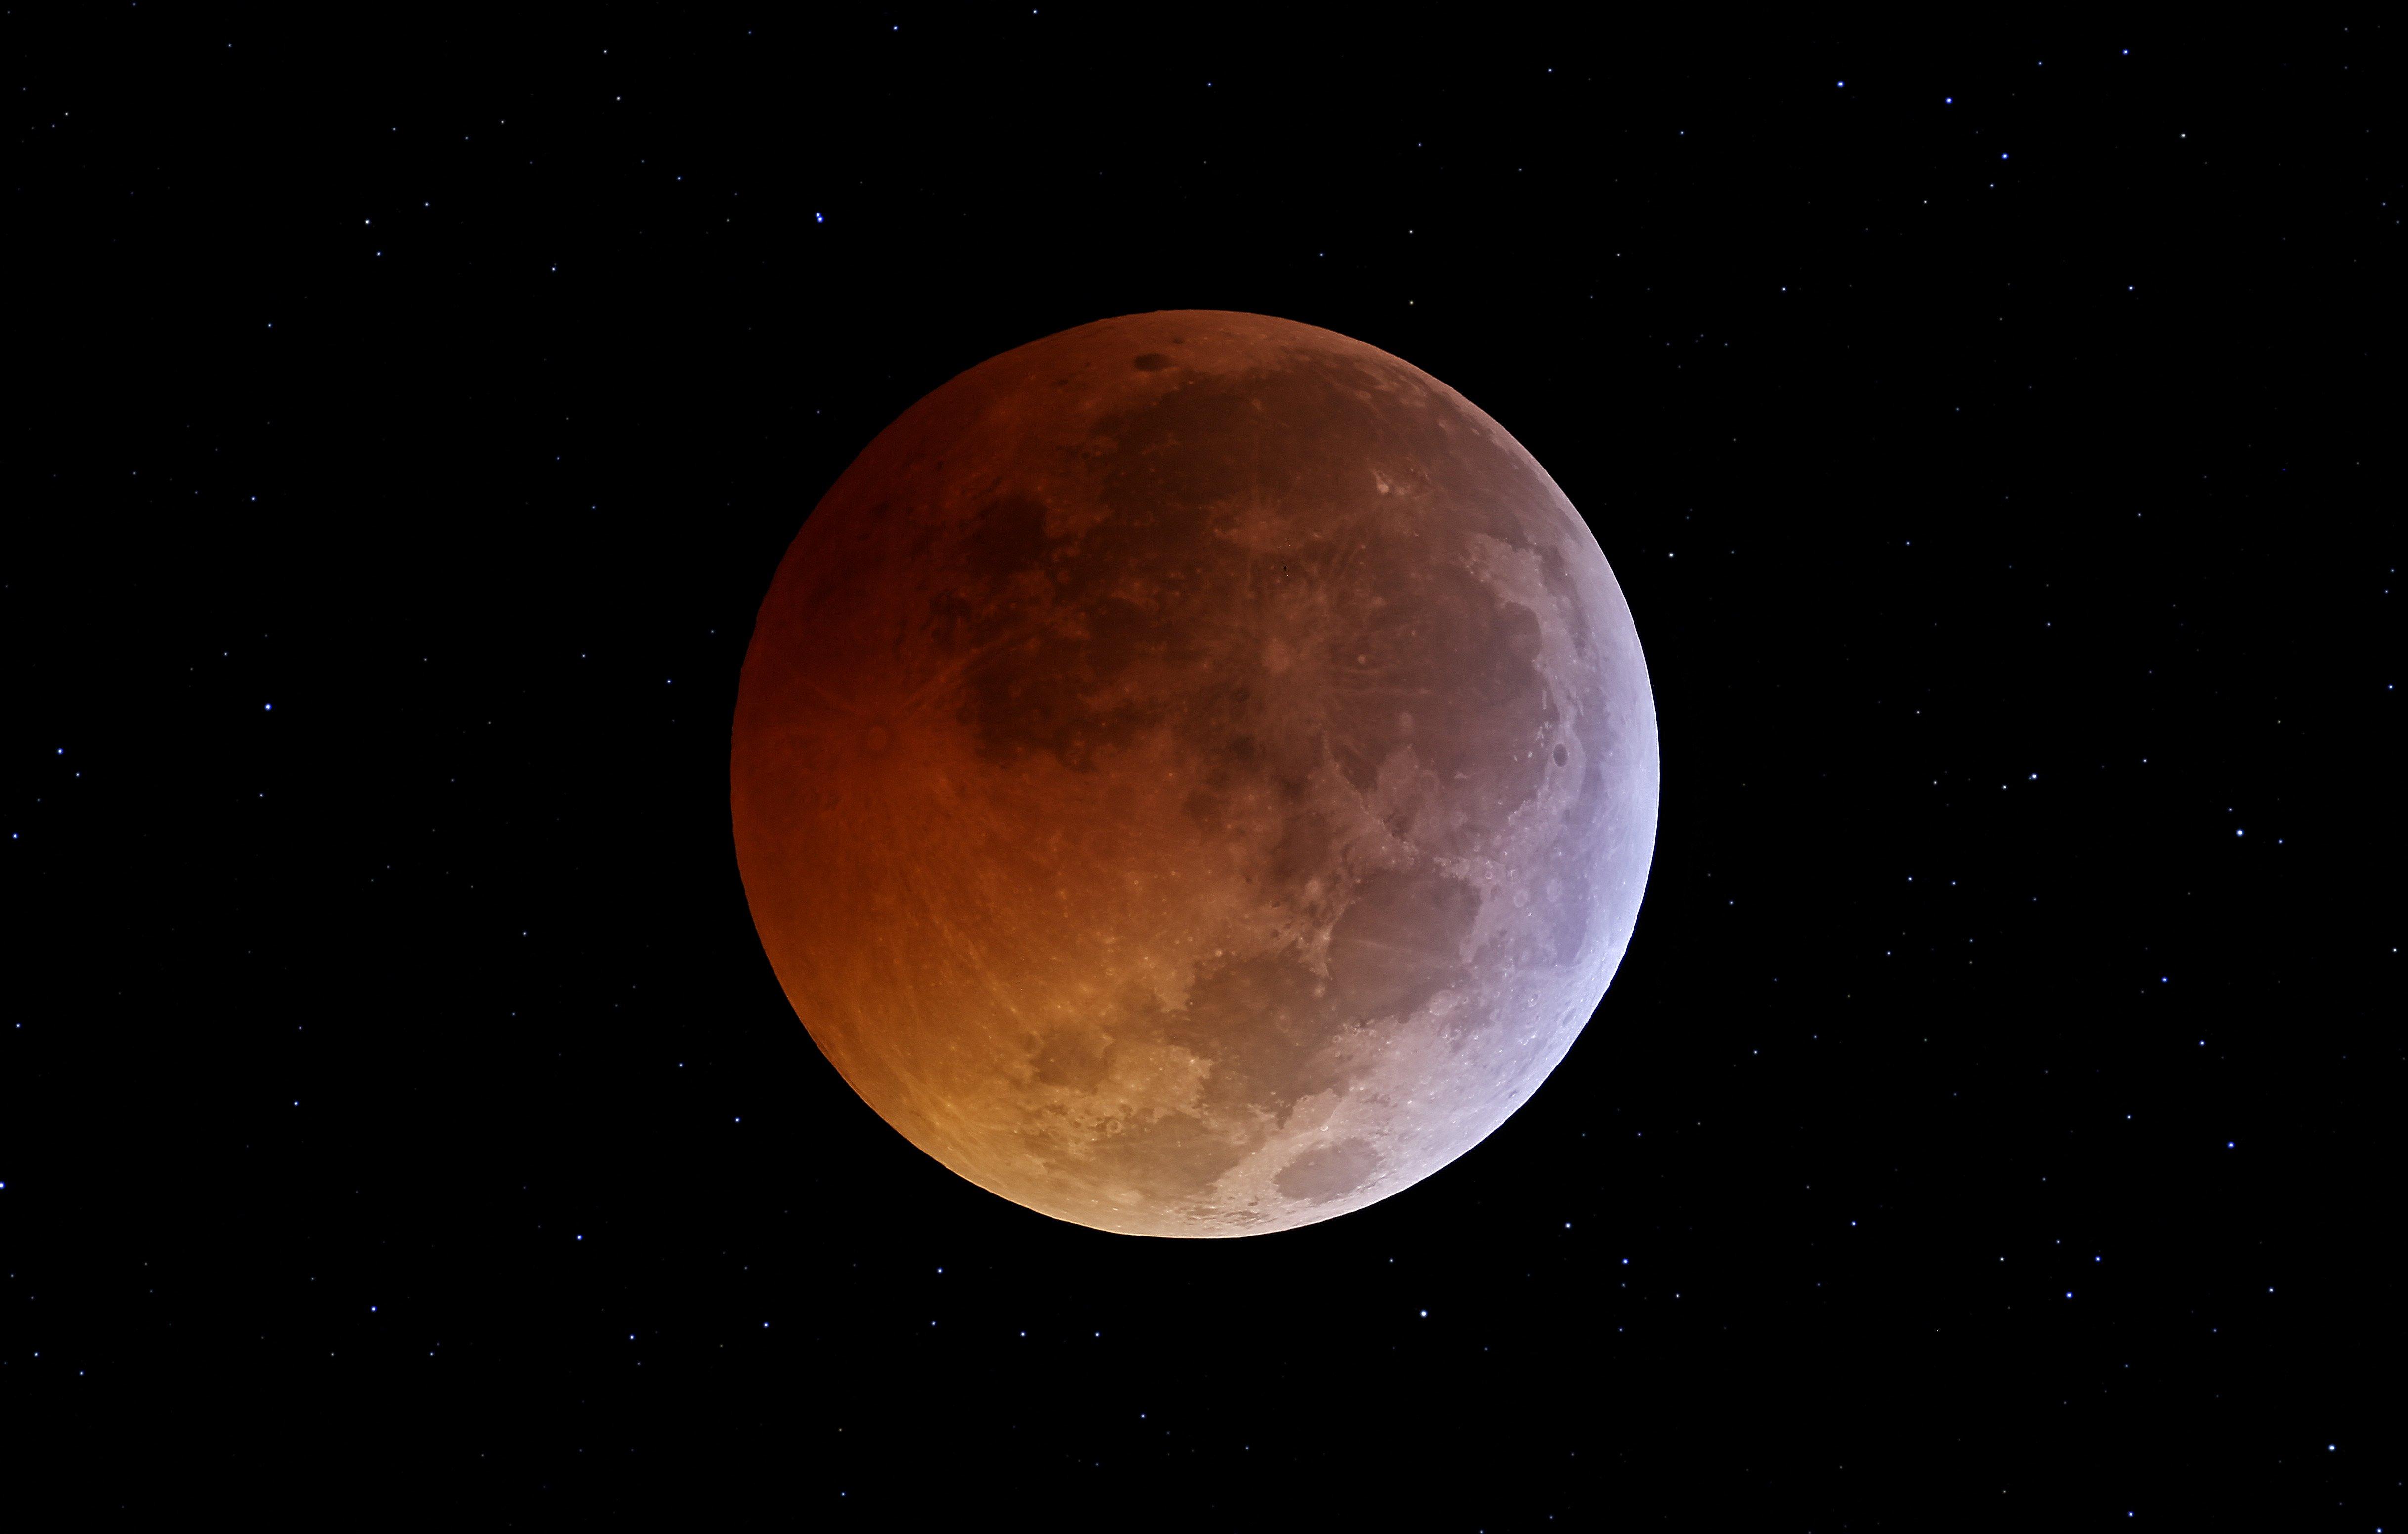 В данный момент происходит последнее в этом году лунное затмение. Оно достигнет своего пика приблизительно через 1 ... - Изображение 1